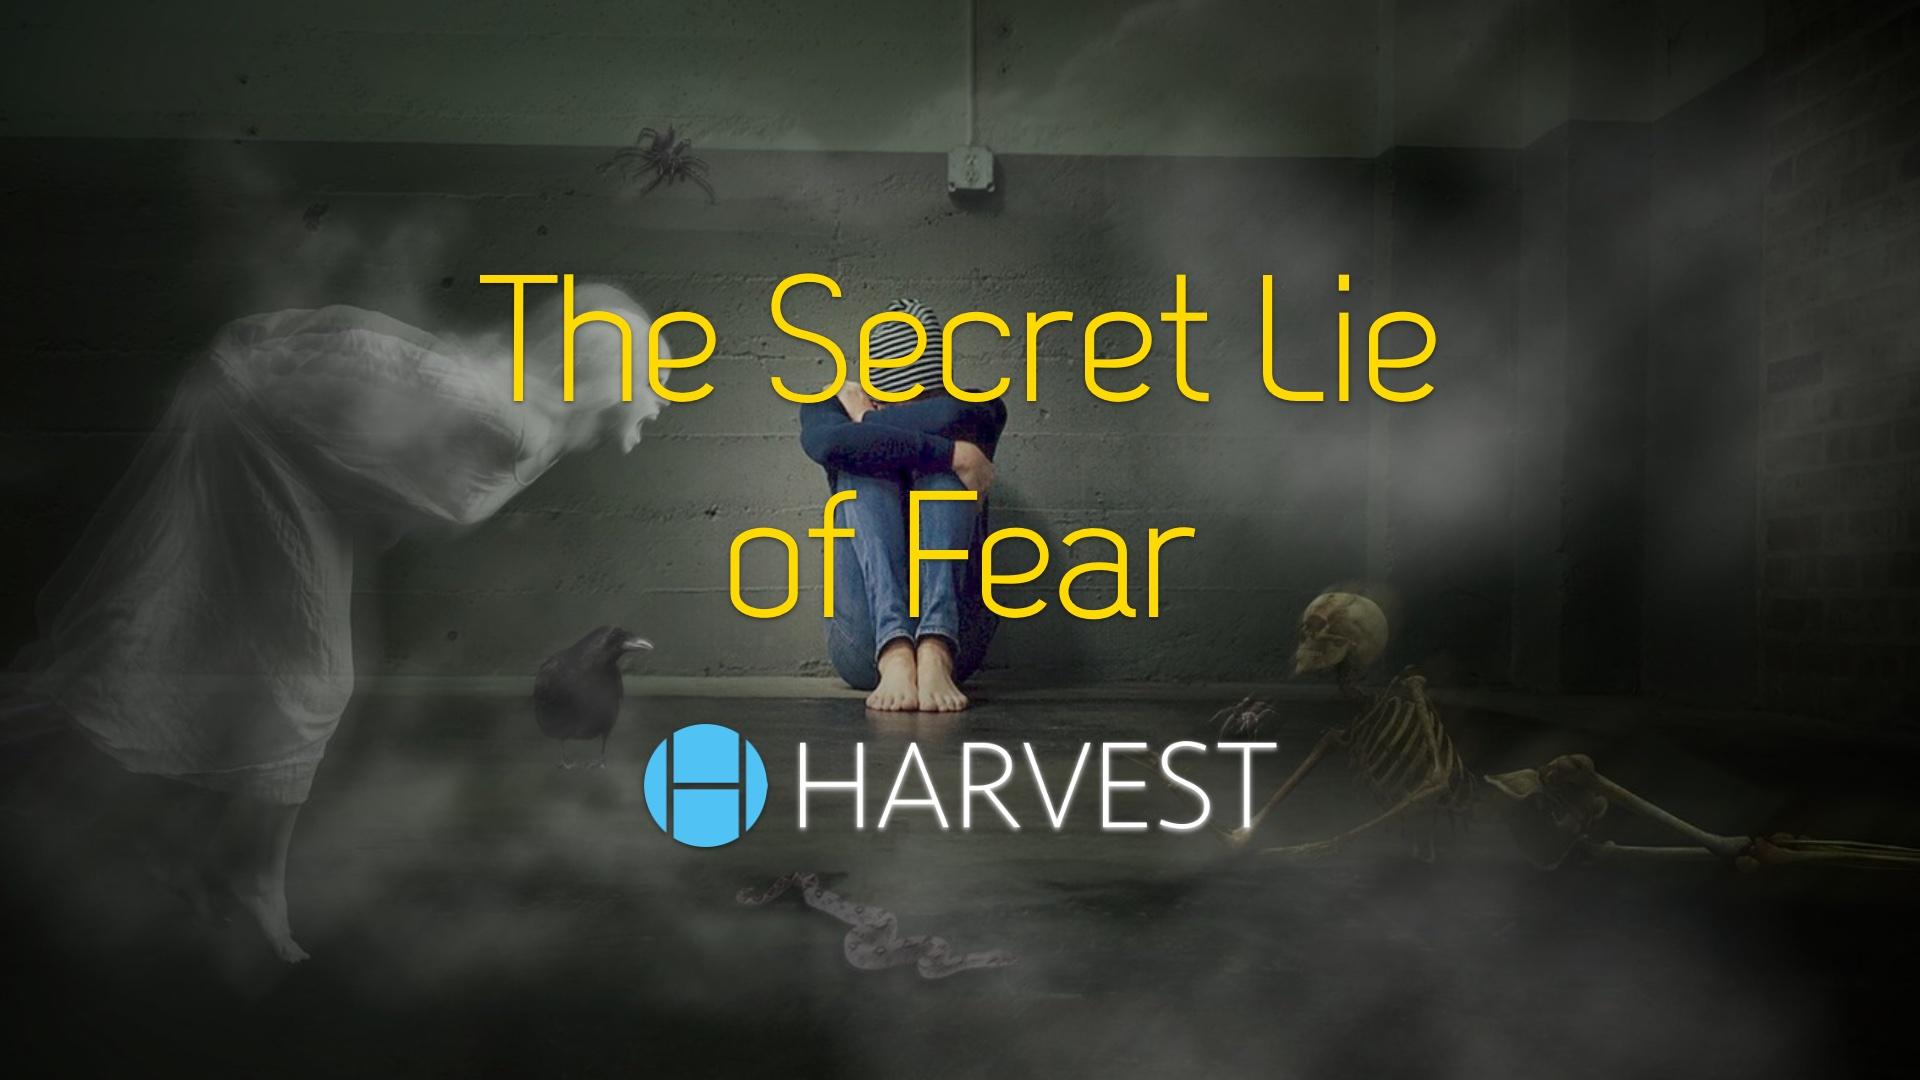 The Secret Lie of Fear